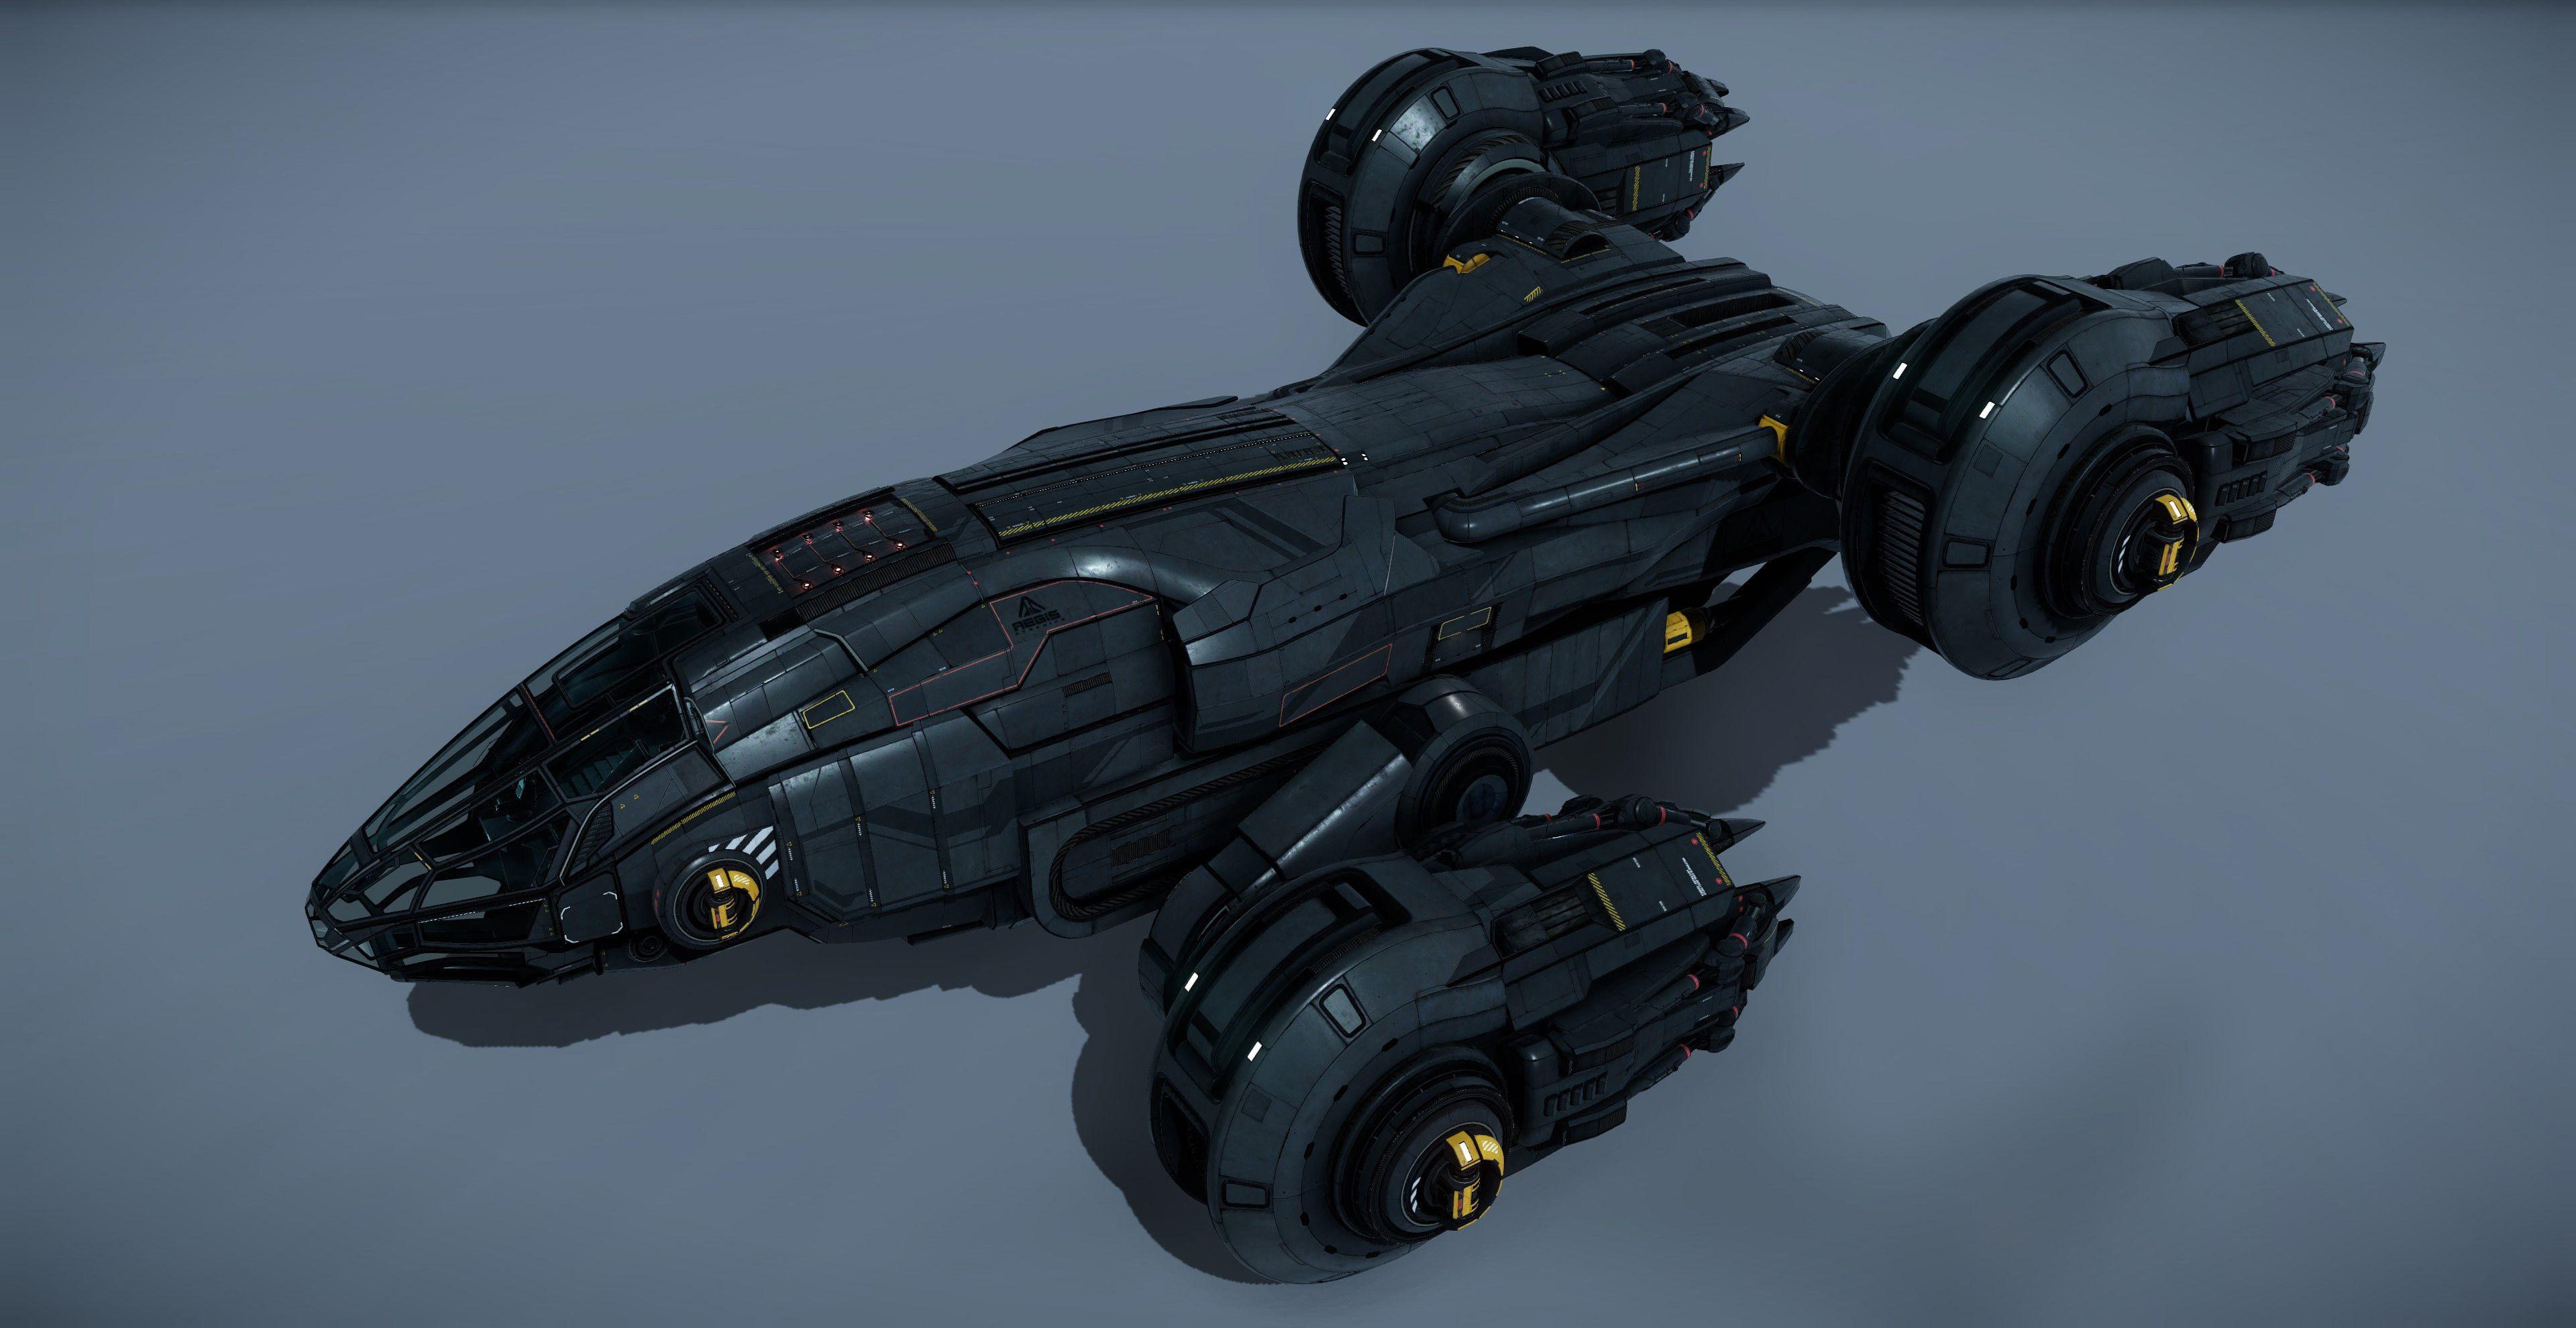 Osiris Cryengine V26 Black Jpg 3840 215 1980 Spaceship